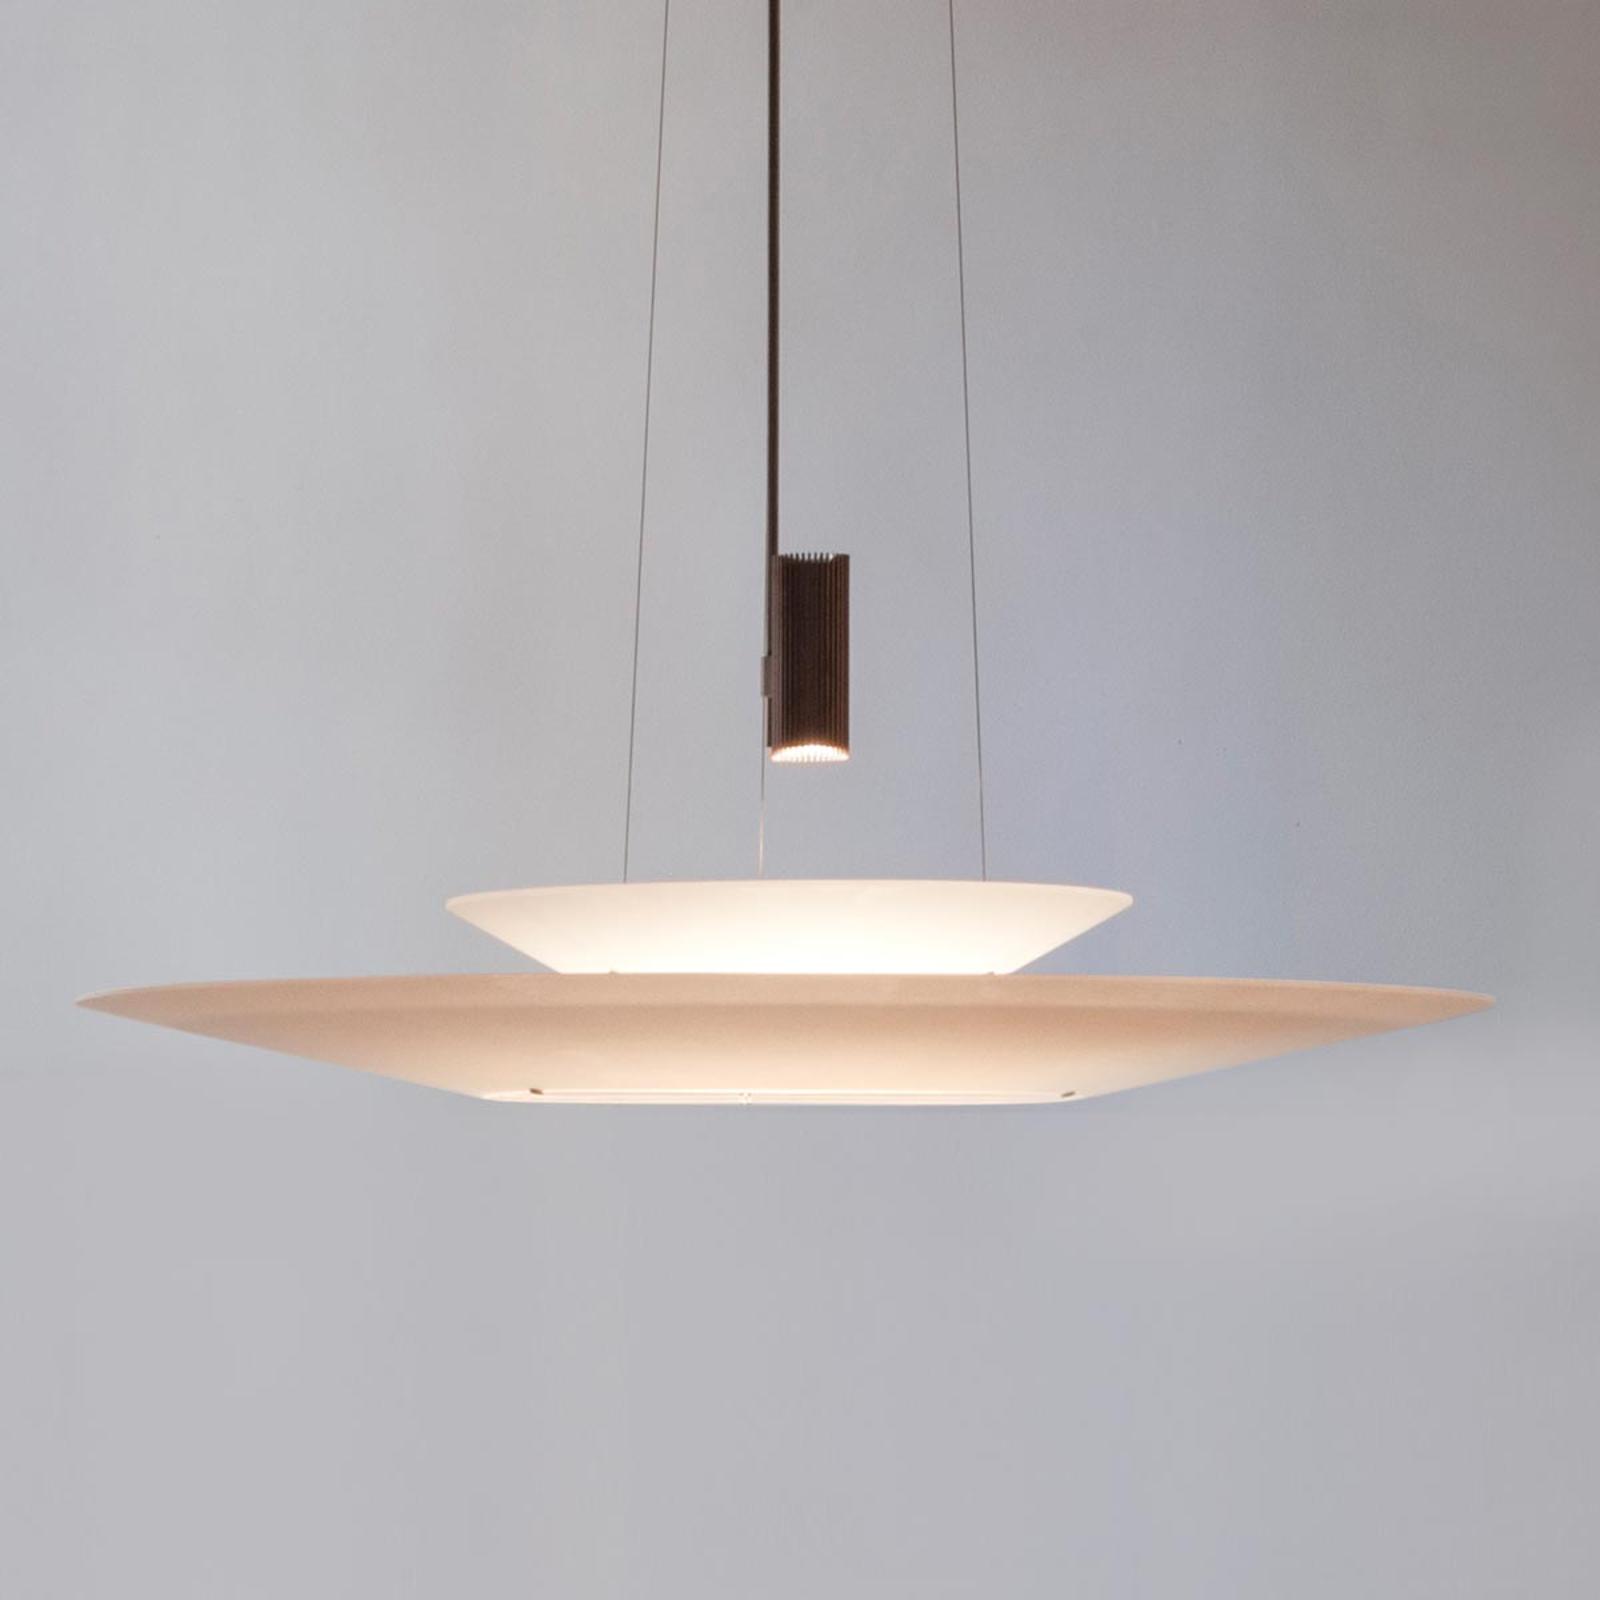 Uitzonderlijke led hanglamp Flamingo